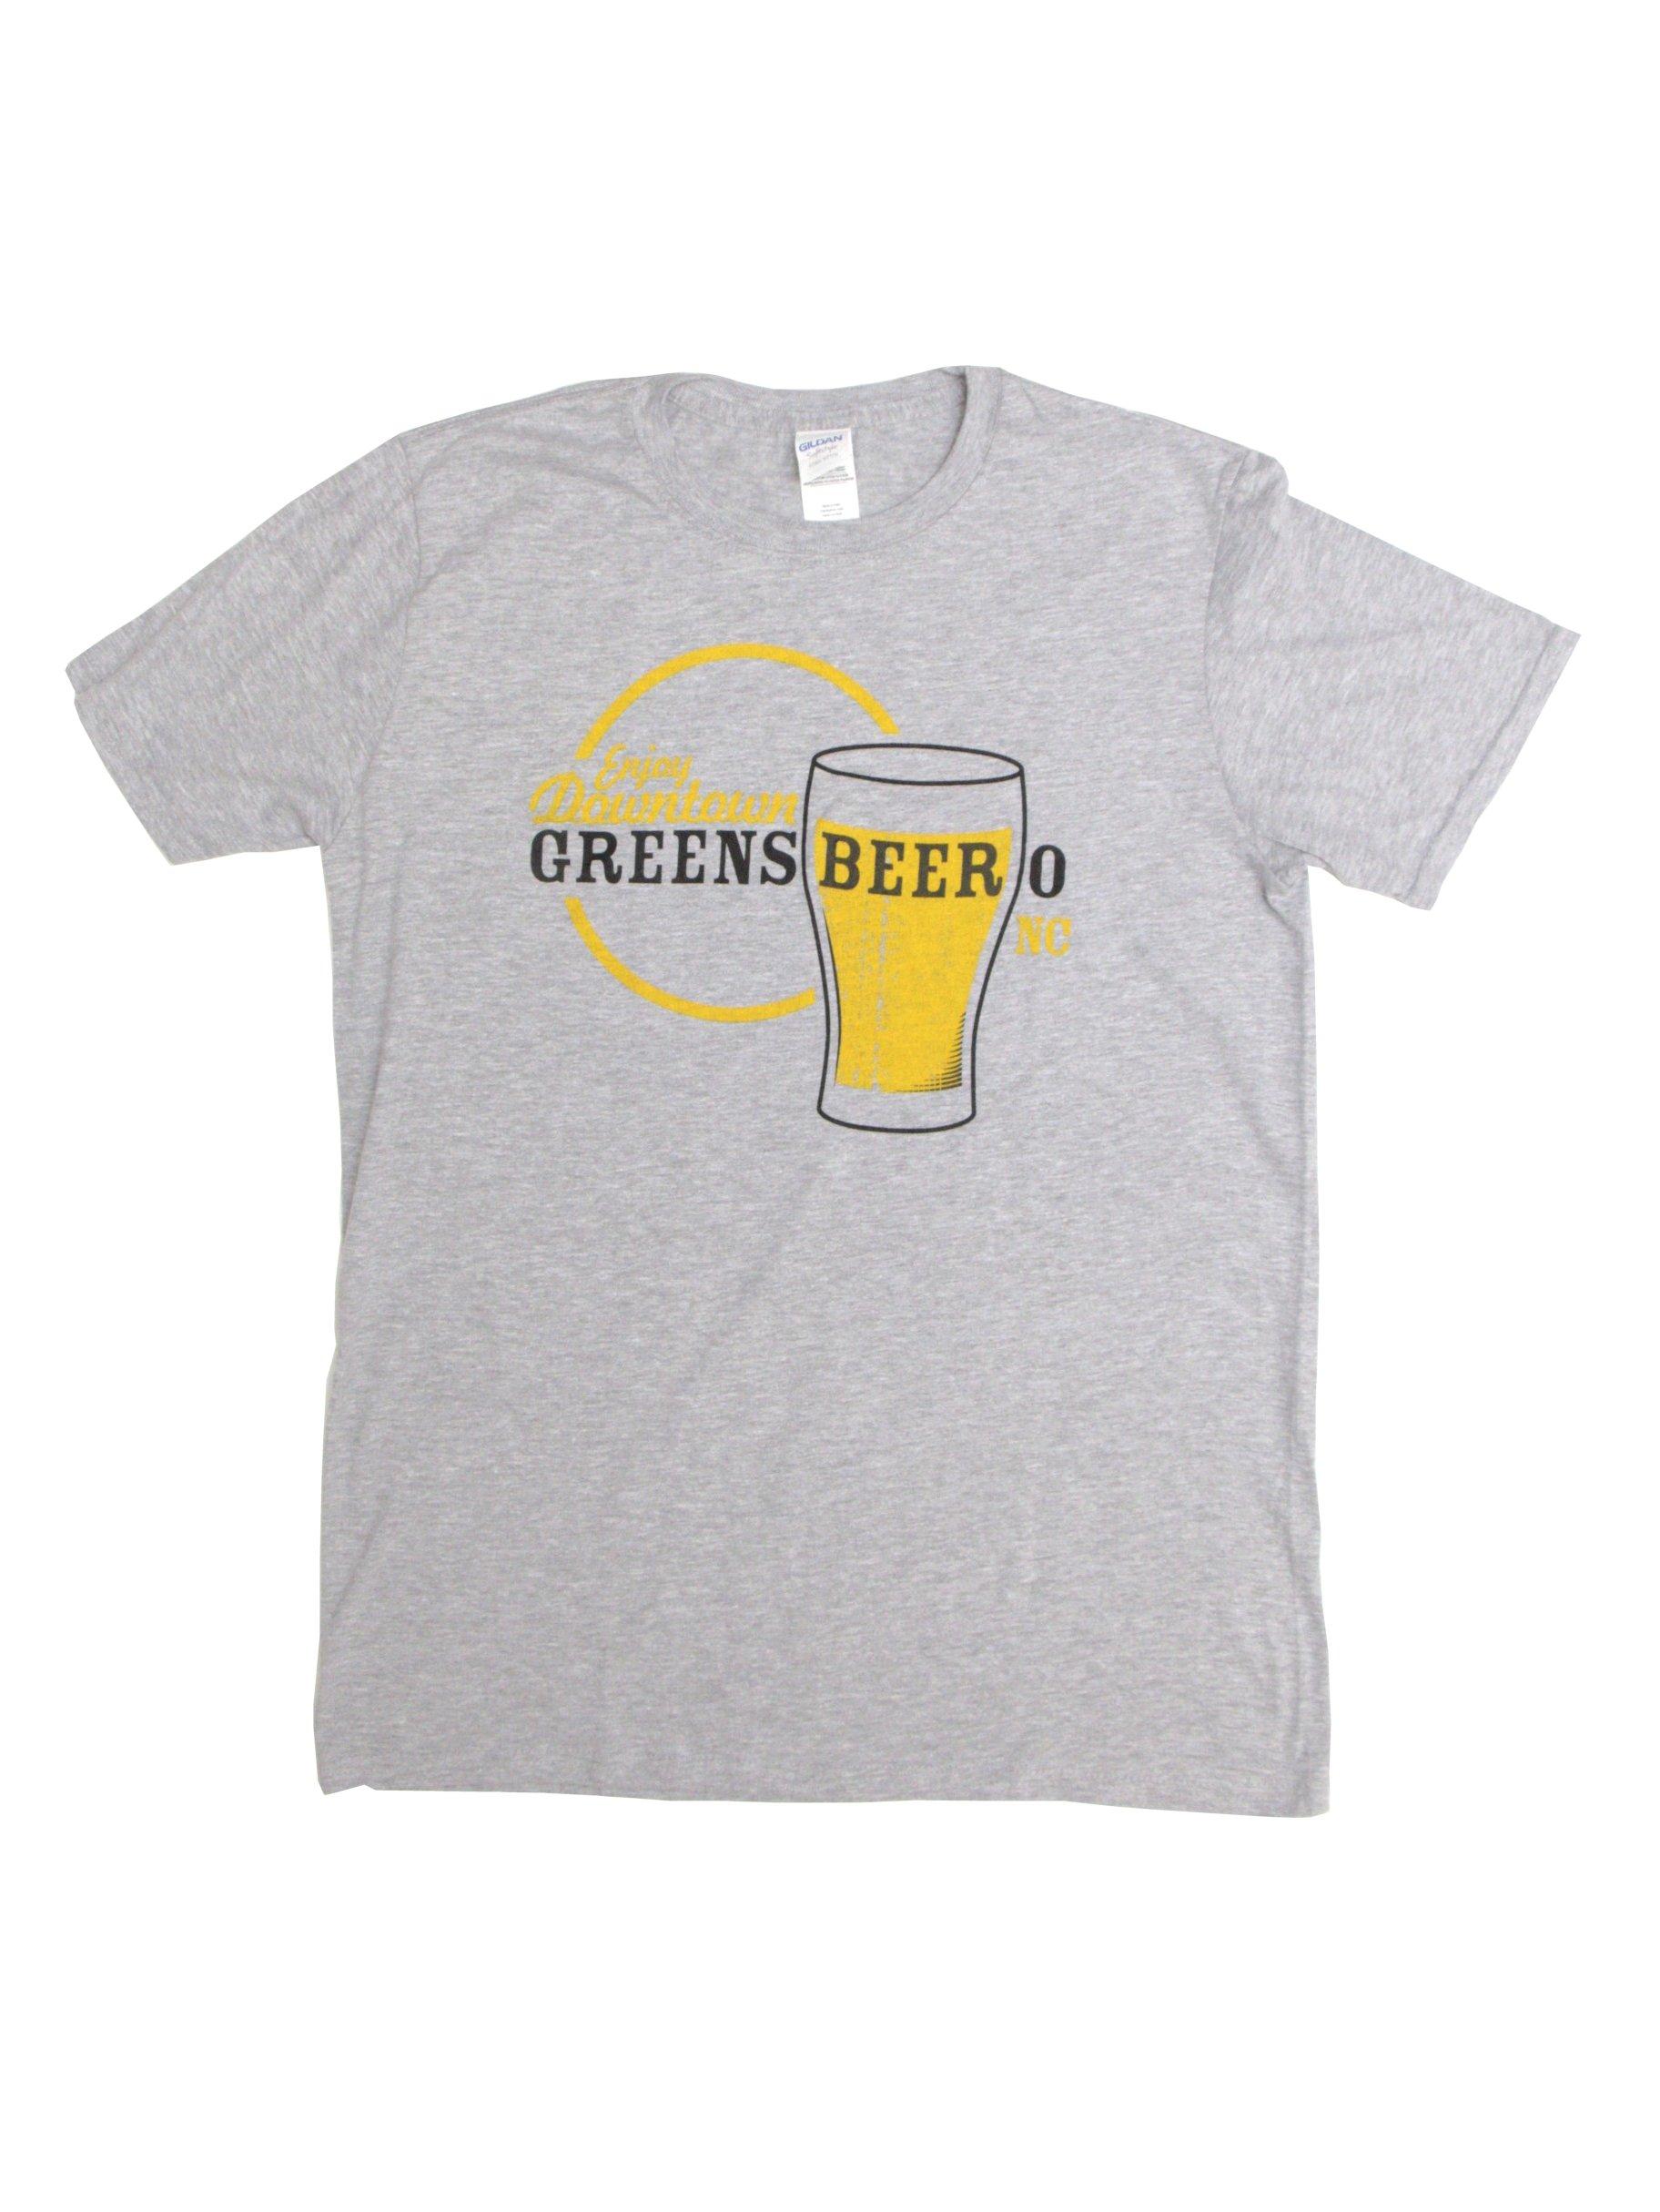 Nc Greensbeero Tee Shirt Design Archives Emporium